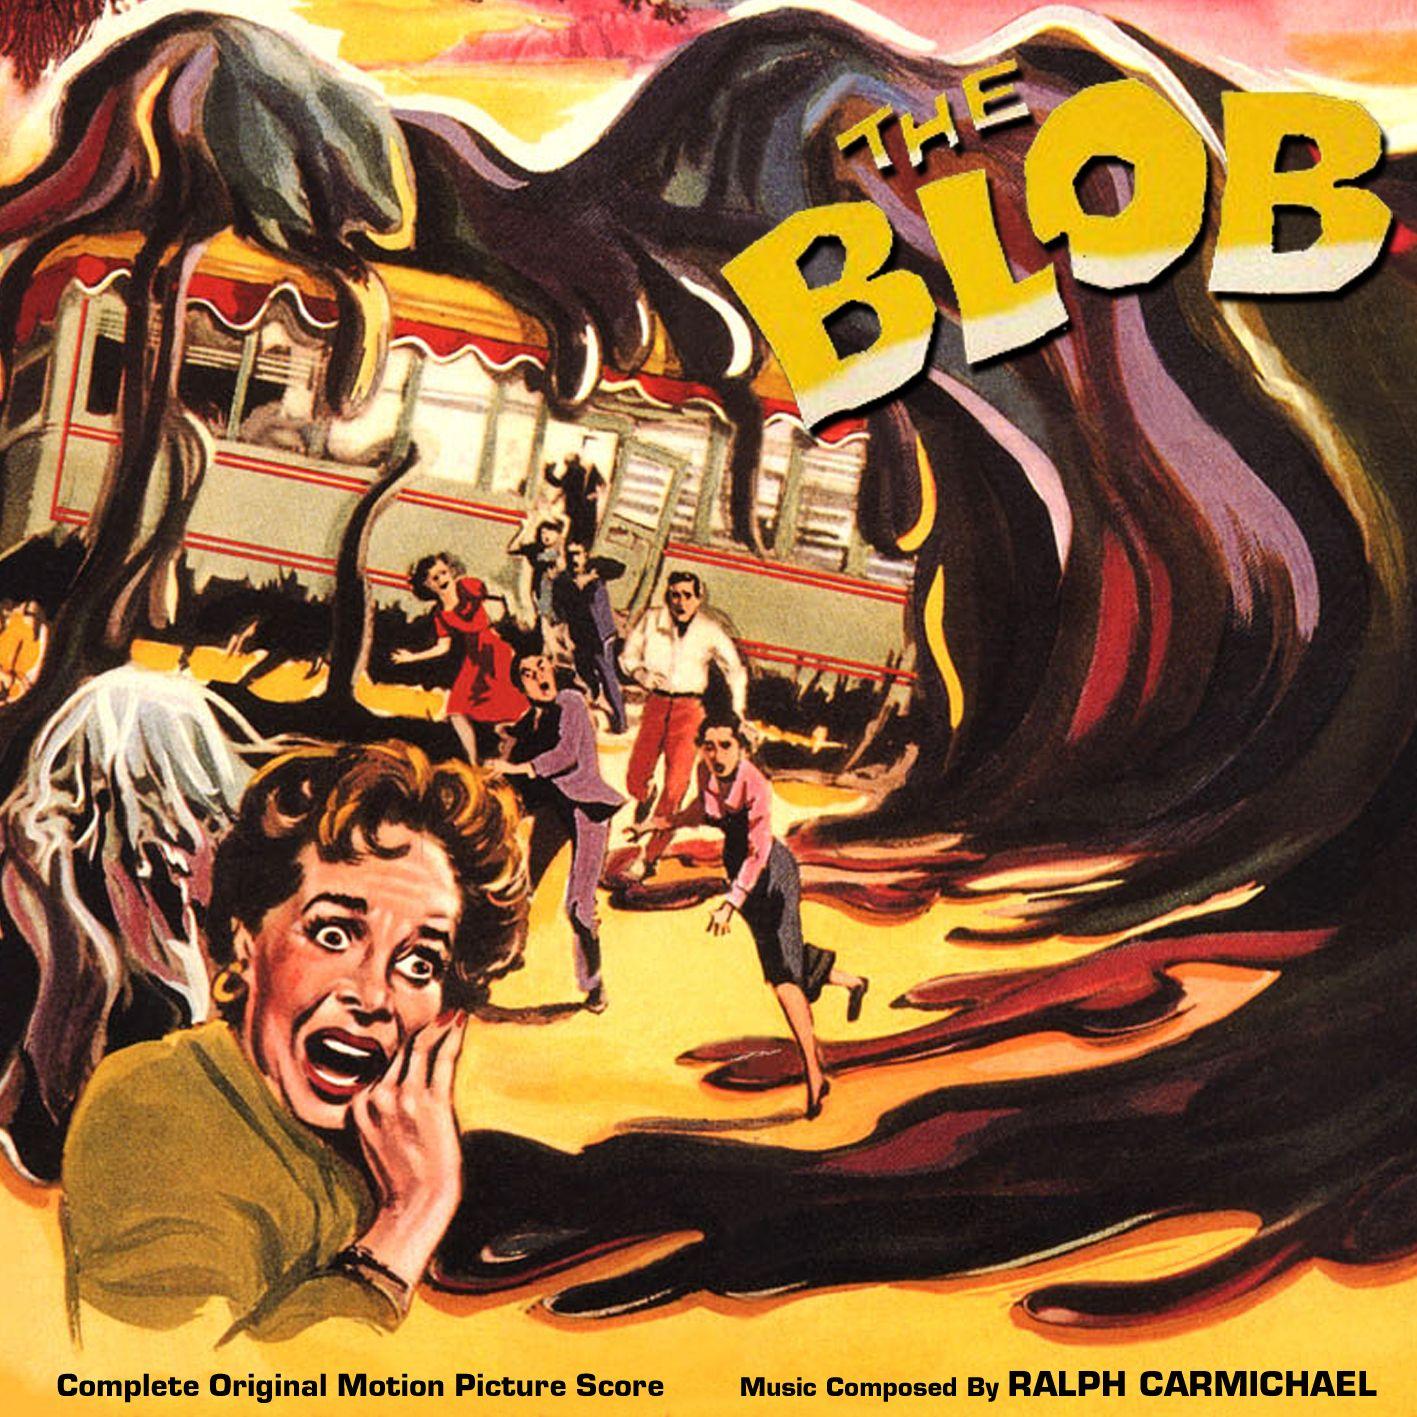 The revenge of the blob